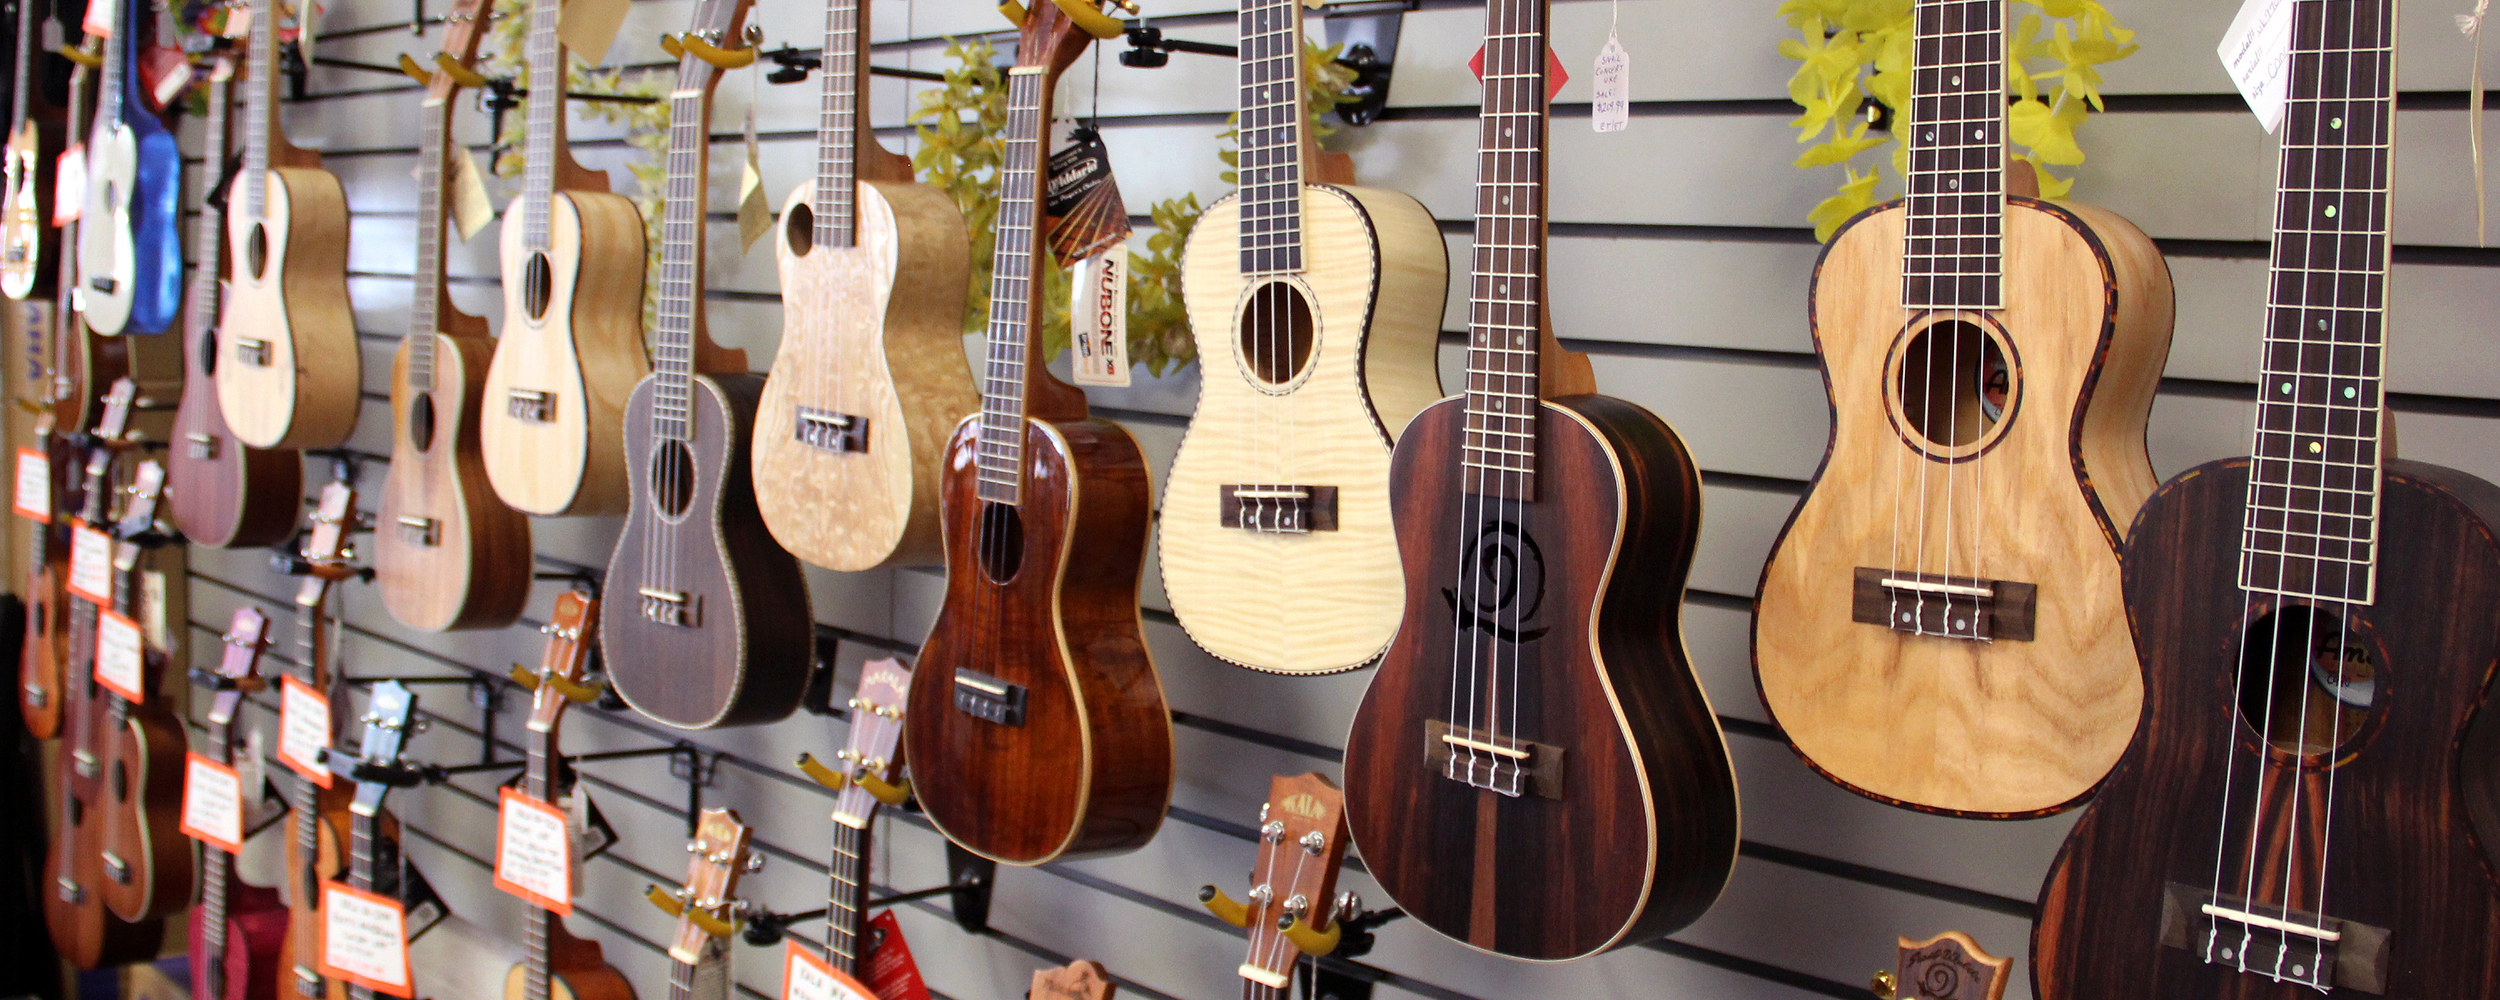 rockinrobbies-ukuleles.jpg